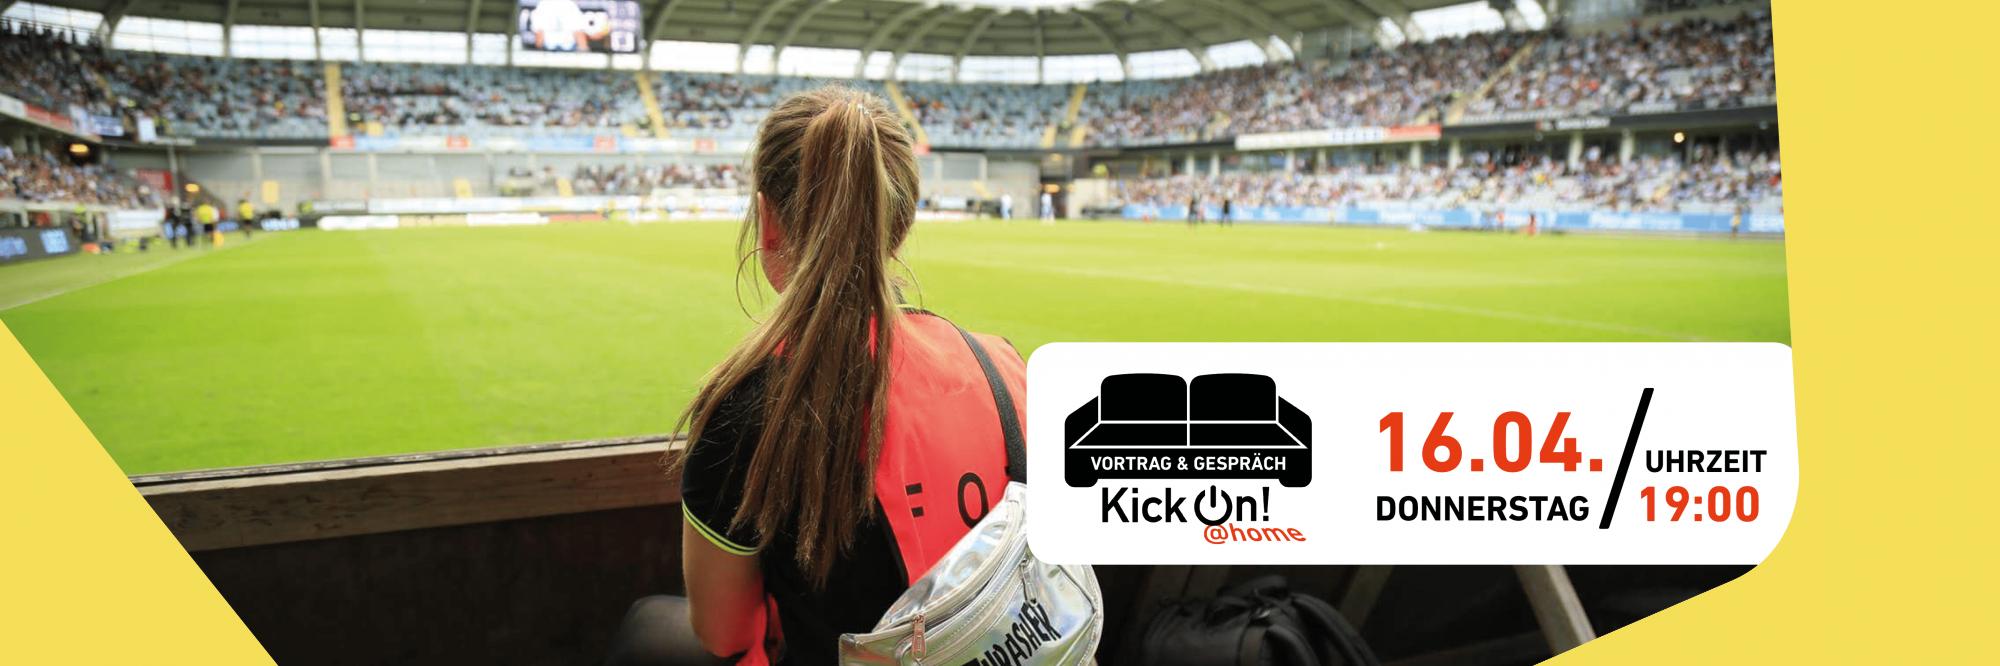 Bild einer Frau von hinten fotografiert. Sie guckt in ein Stadion. In dem Bild befindet sich ein weißer Infokasten mit den Informationen zu der Veranstaltung und einem schwarzen Sofa. Unterhalb des Sofas steht KickOn at home.